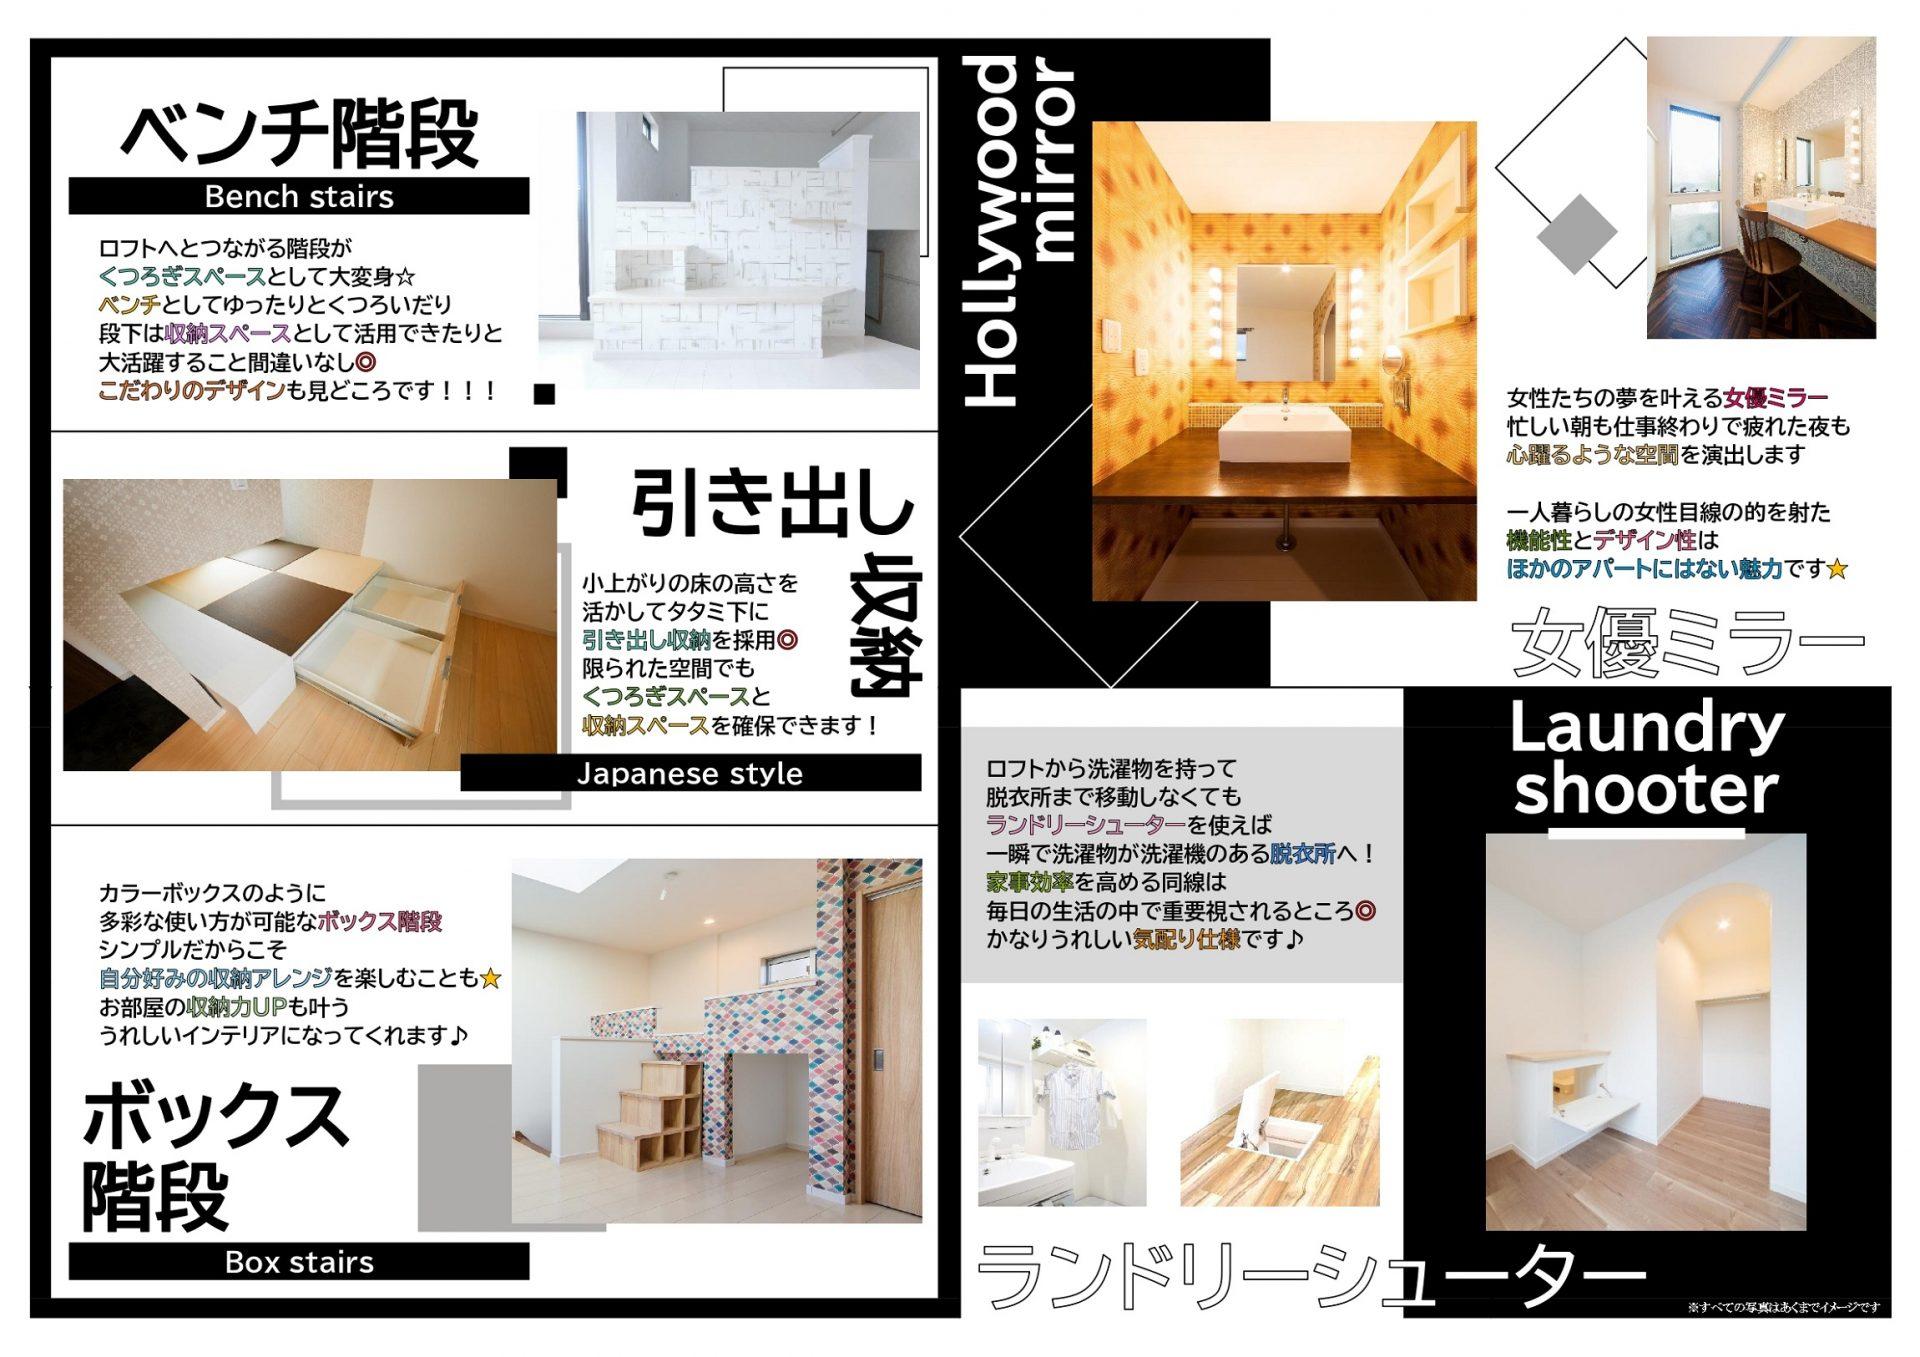 投資アパート 【名古屋】Terre-Ⅳ(テールフォー)